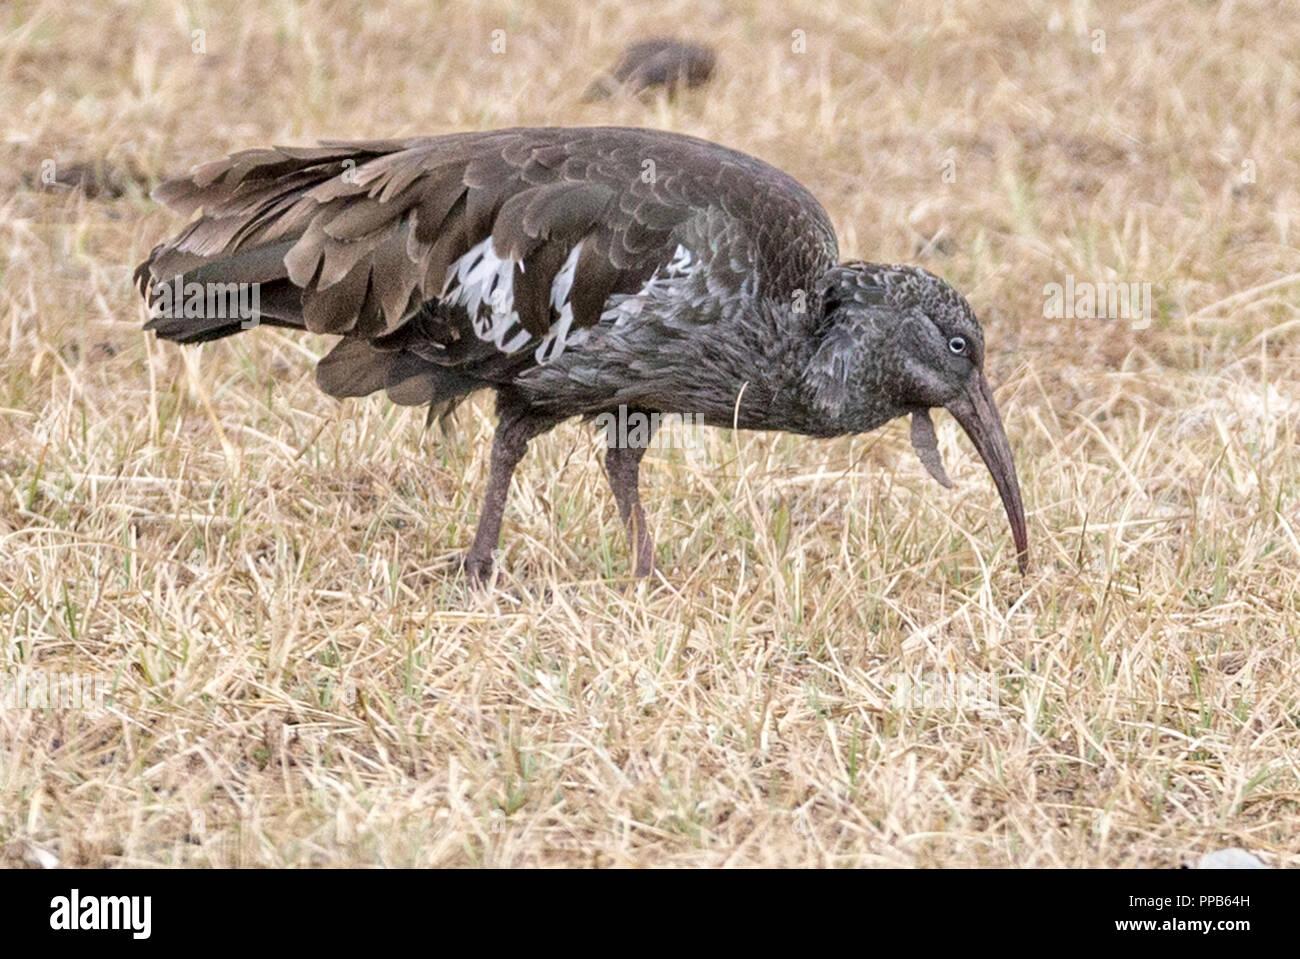 Wattled Ibis (Bostrychia carunculata), Bale Mountains, Ethiopia - Stock Image